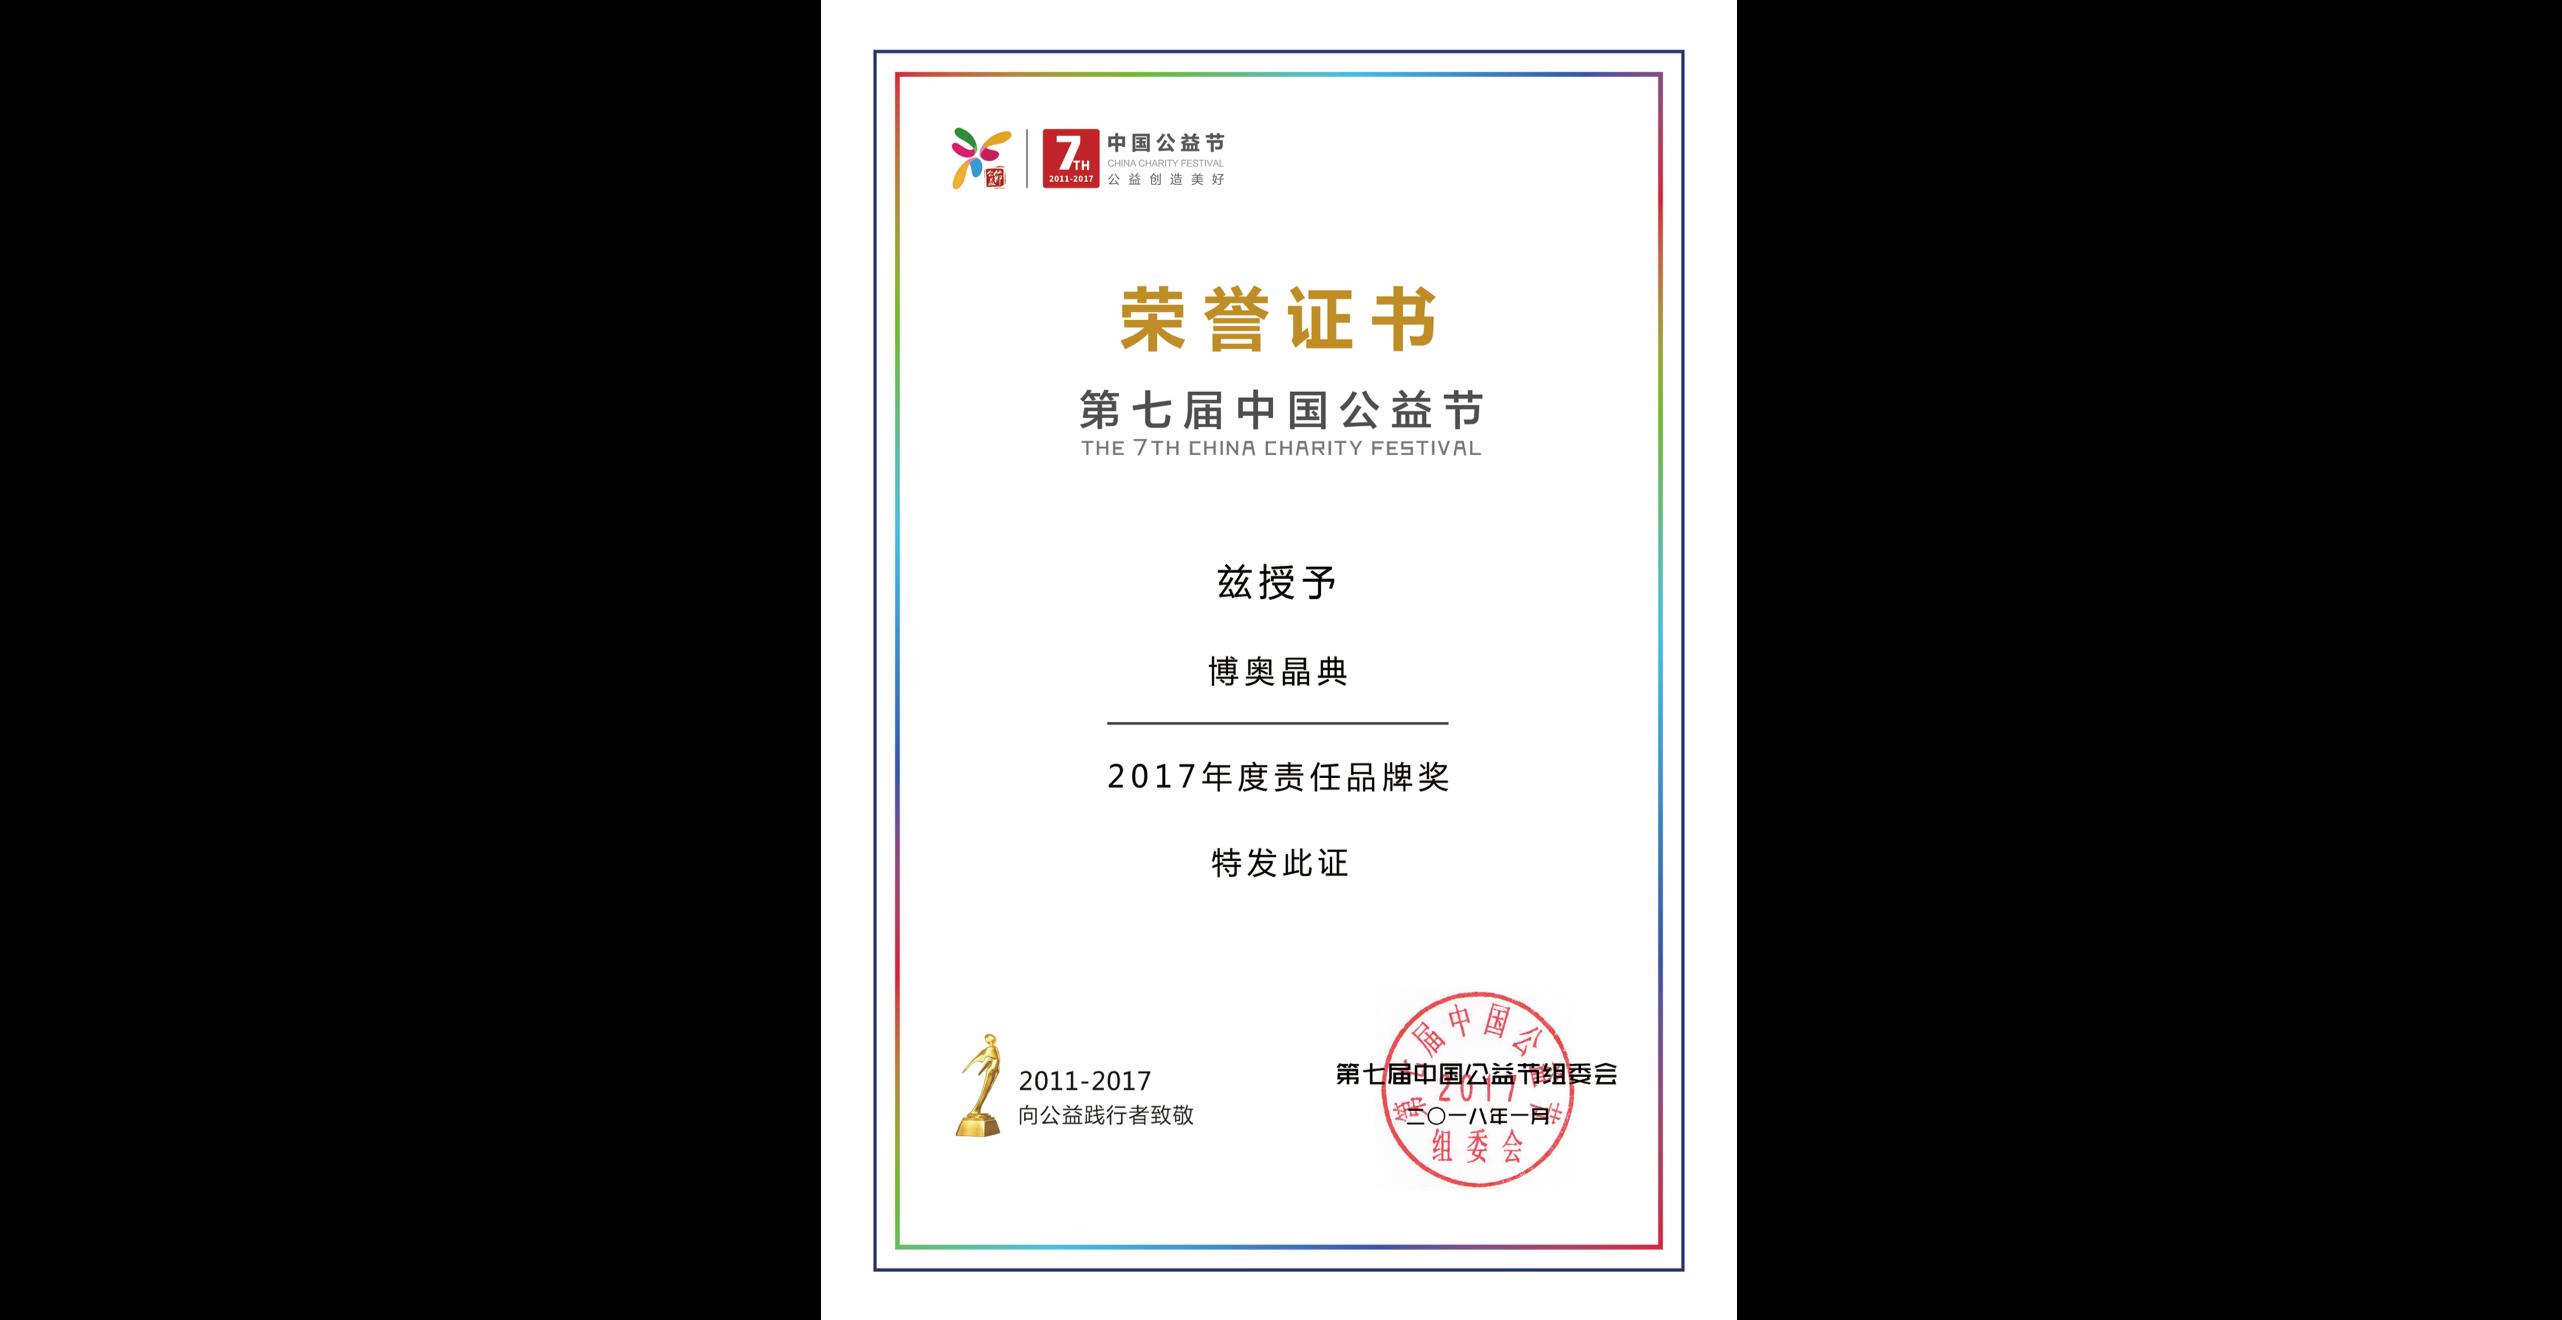 2017年度责任品牌奖